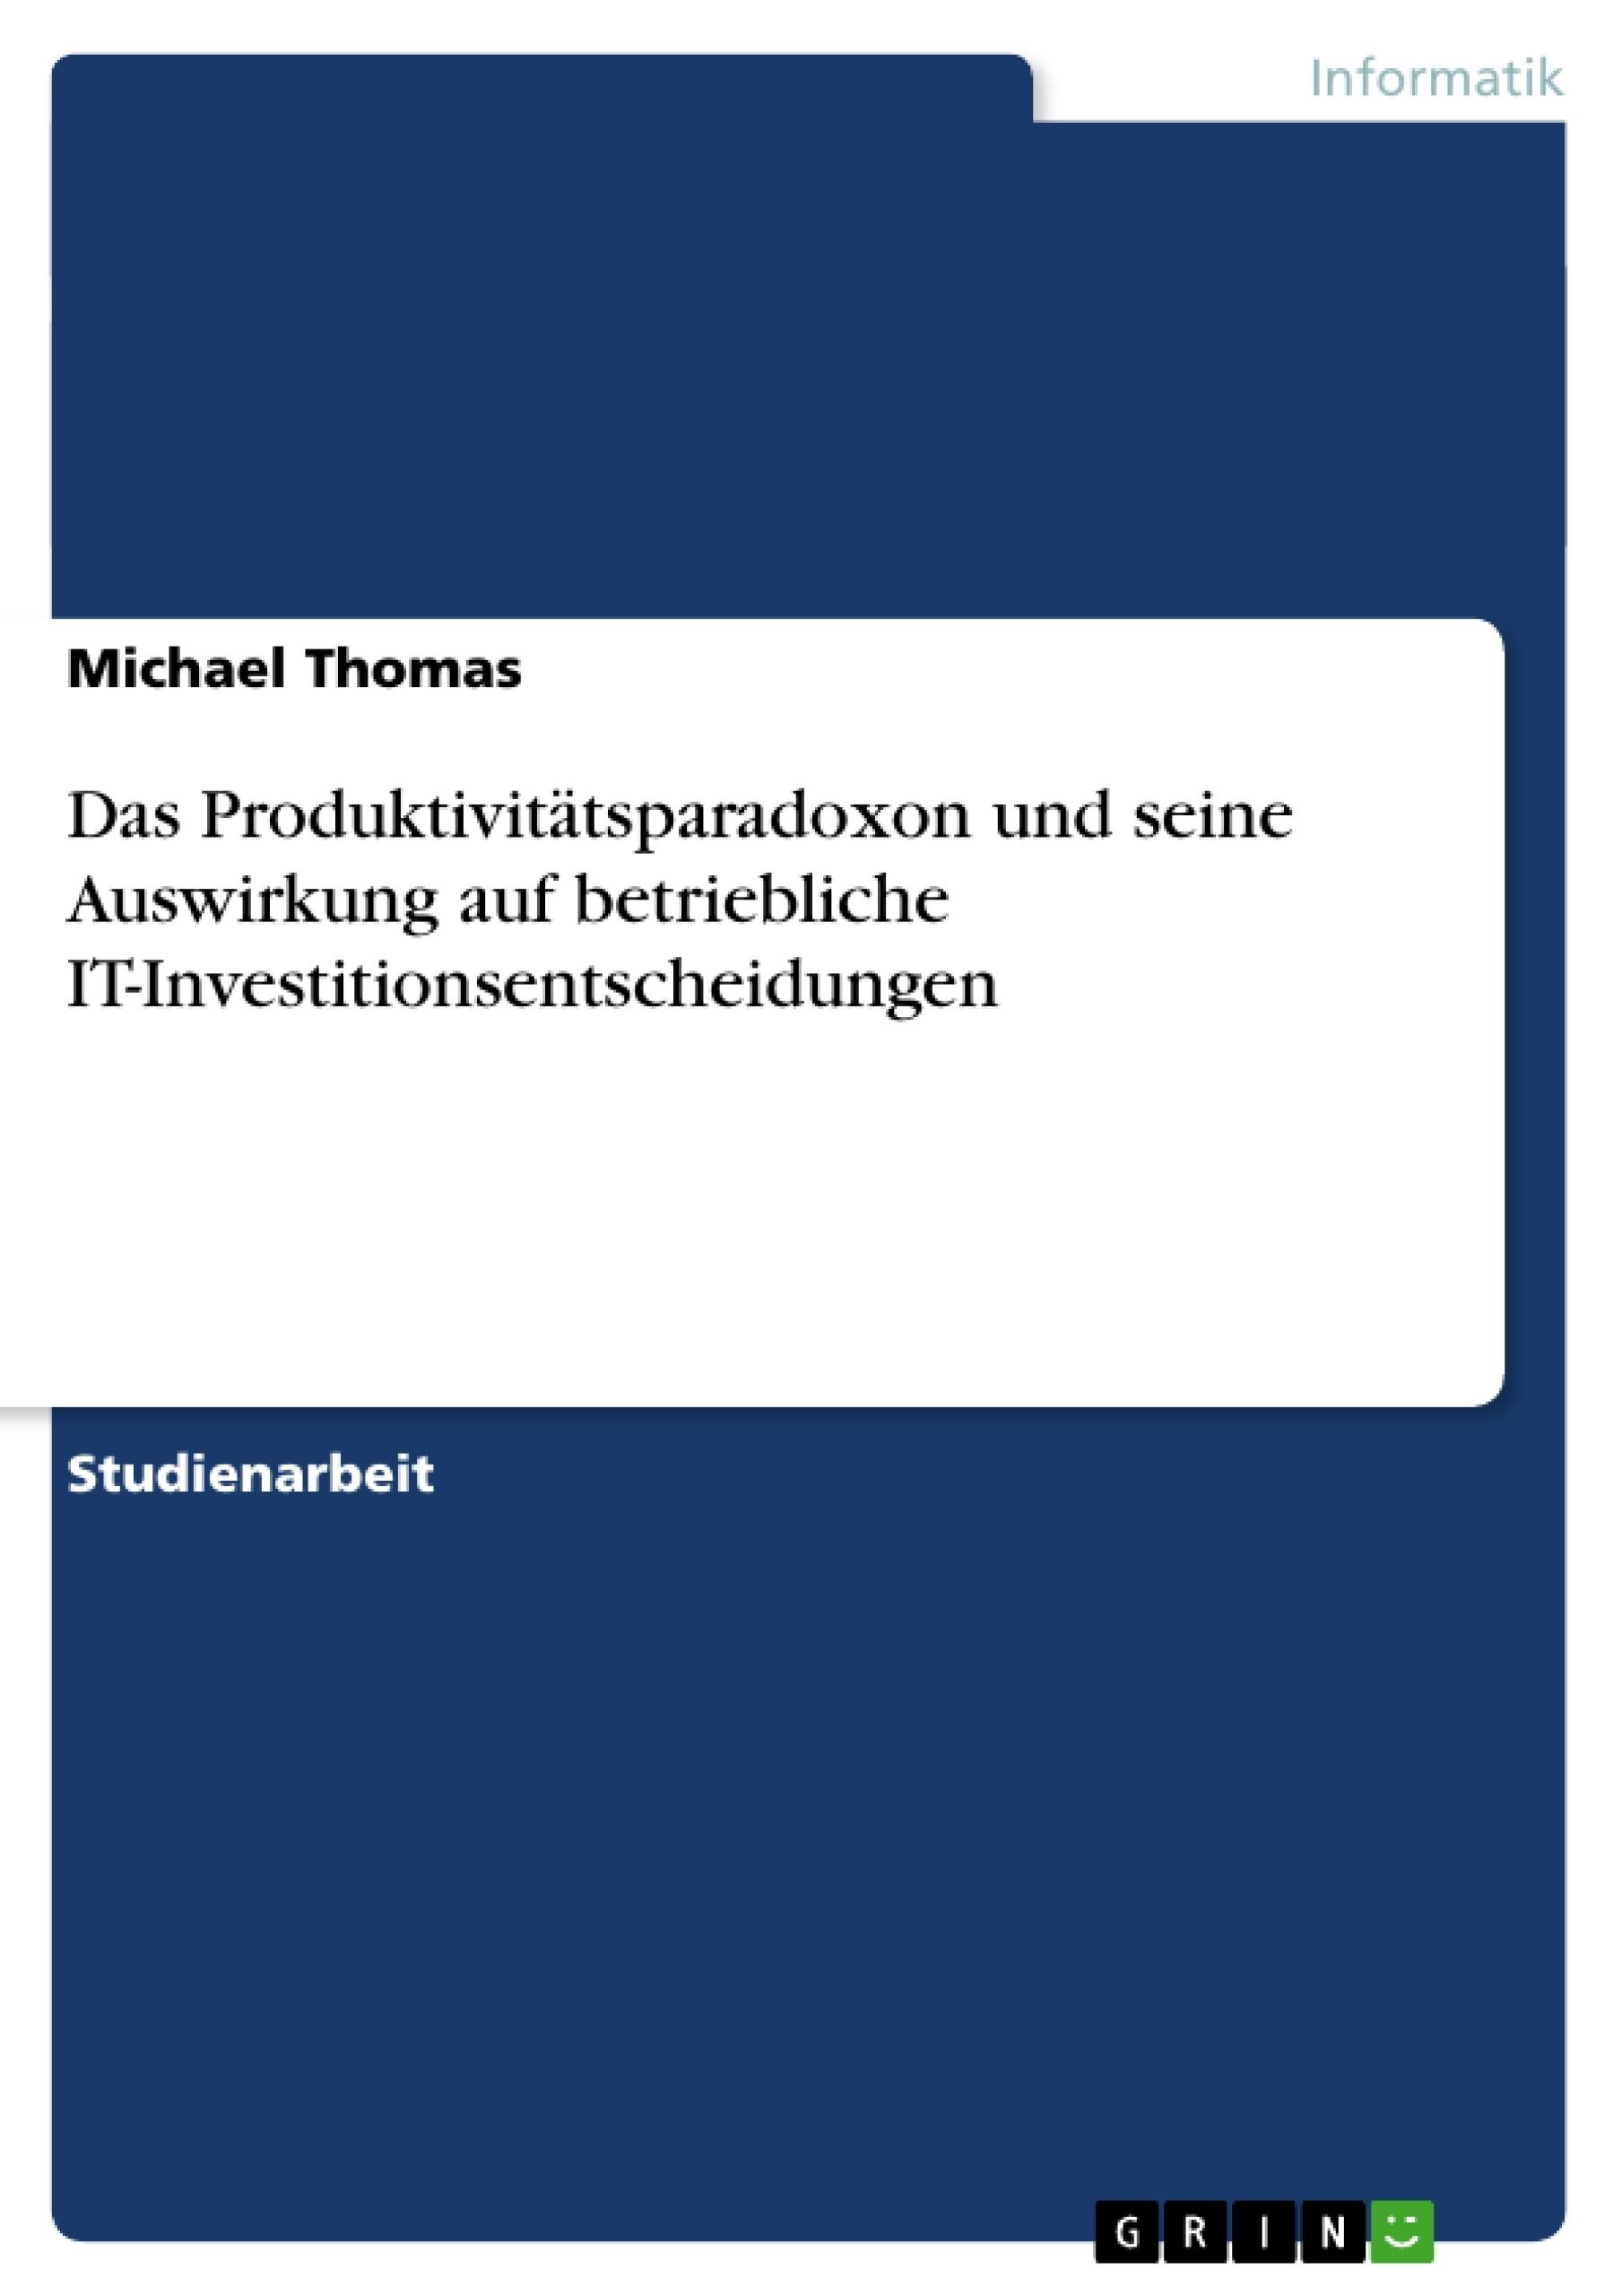 Titel: Das Produktivitätsparadoxon und seine Auswirkung auf betriebliche IT-Investitionsentscheidungen